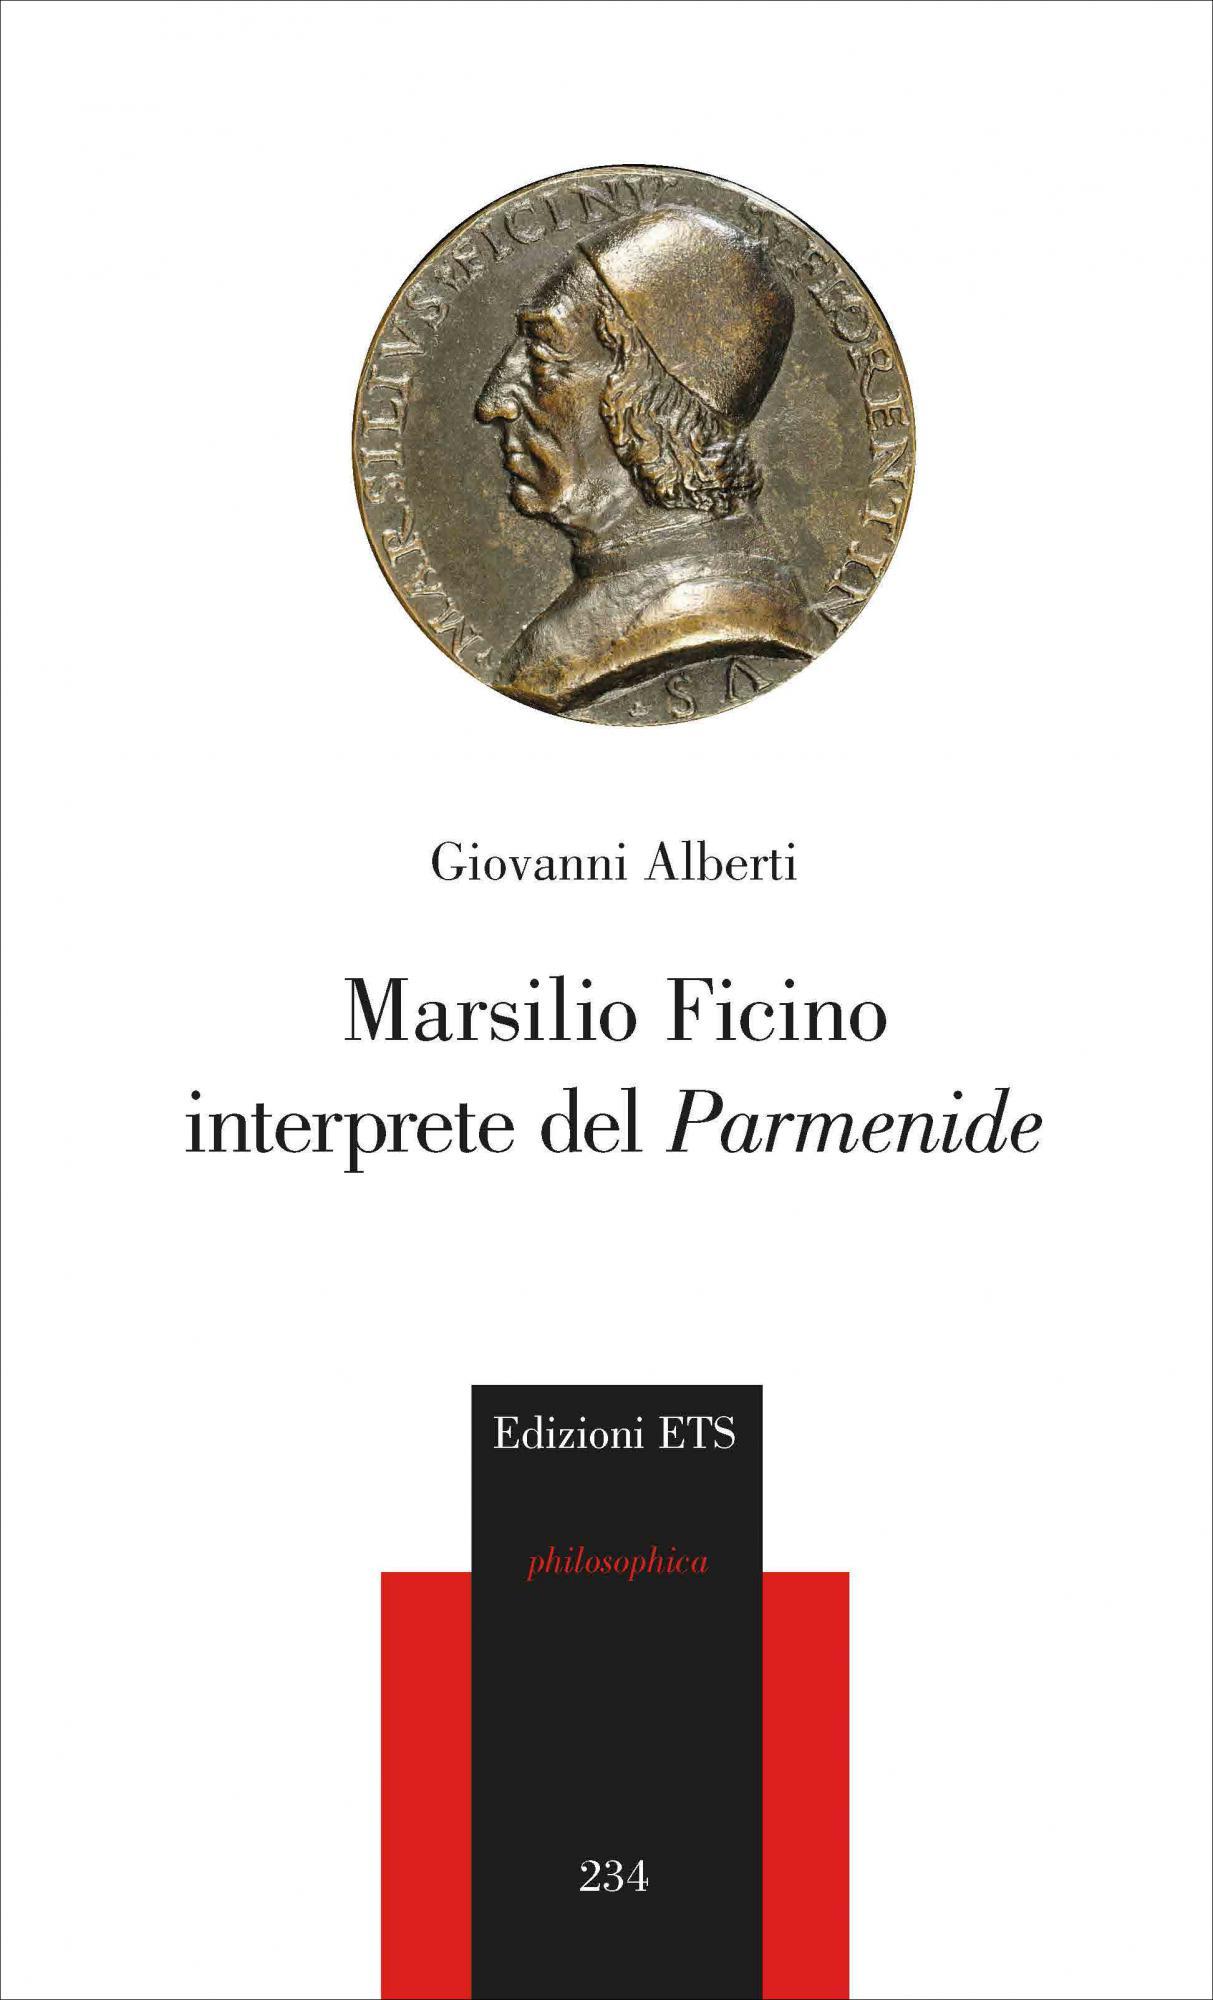 Marsilio Ficino interprete del Parmenide